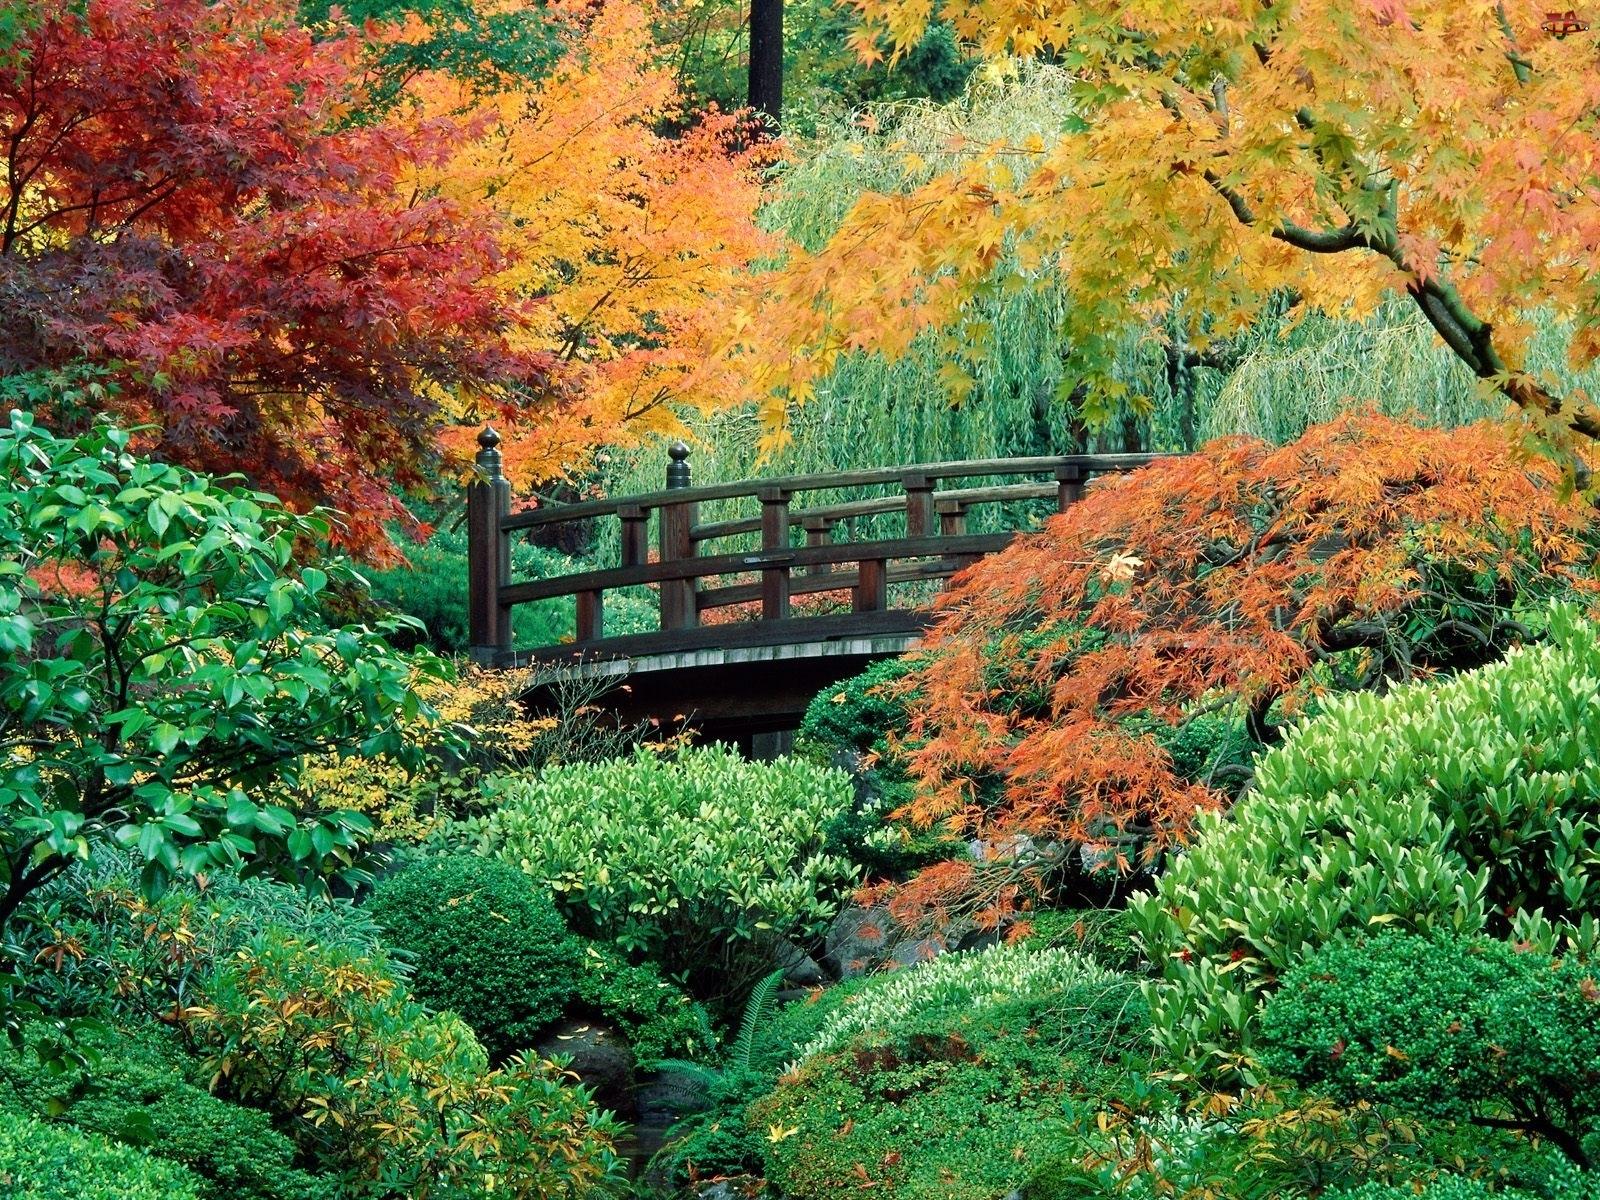 Mostek, Ogród, Krzewy, Zielone, Drzewa